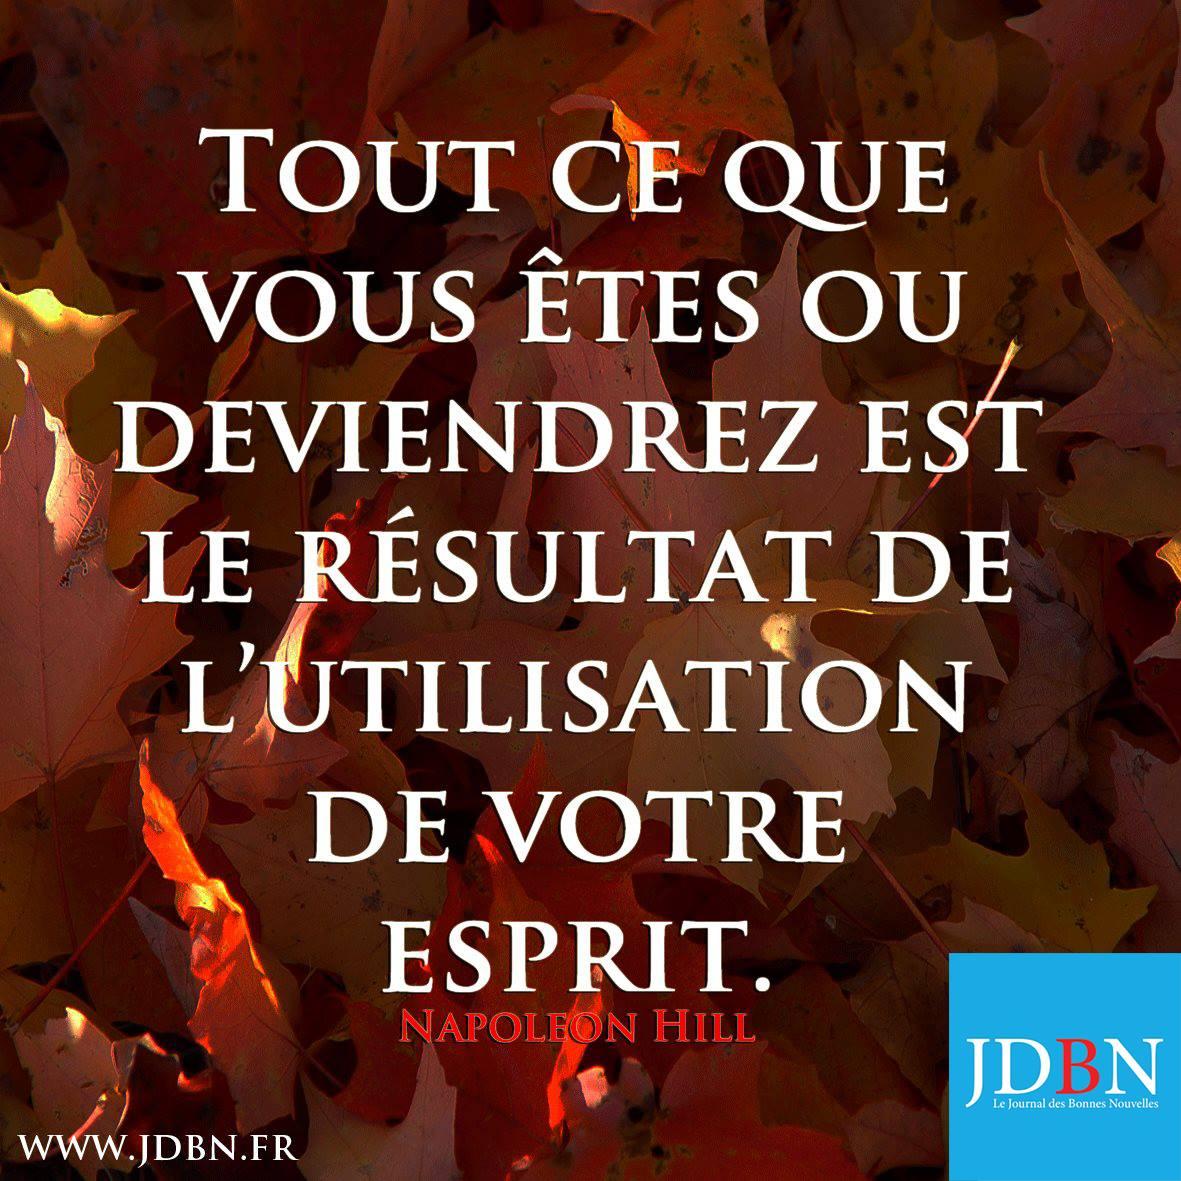 Bon Jeudi 11 Octobre à toutes et à tous de la part du JDBN